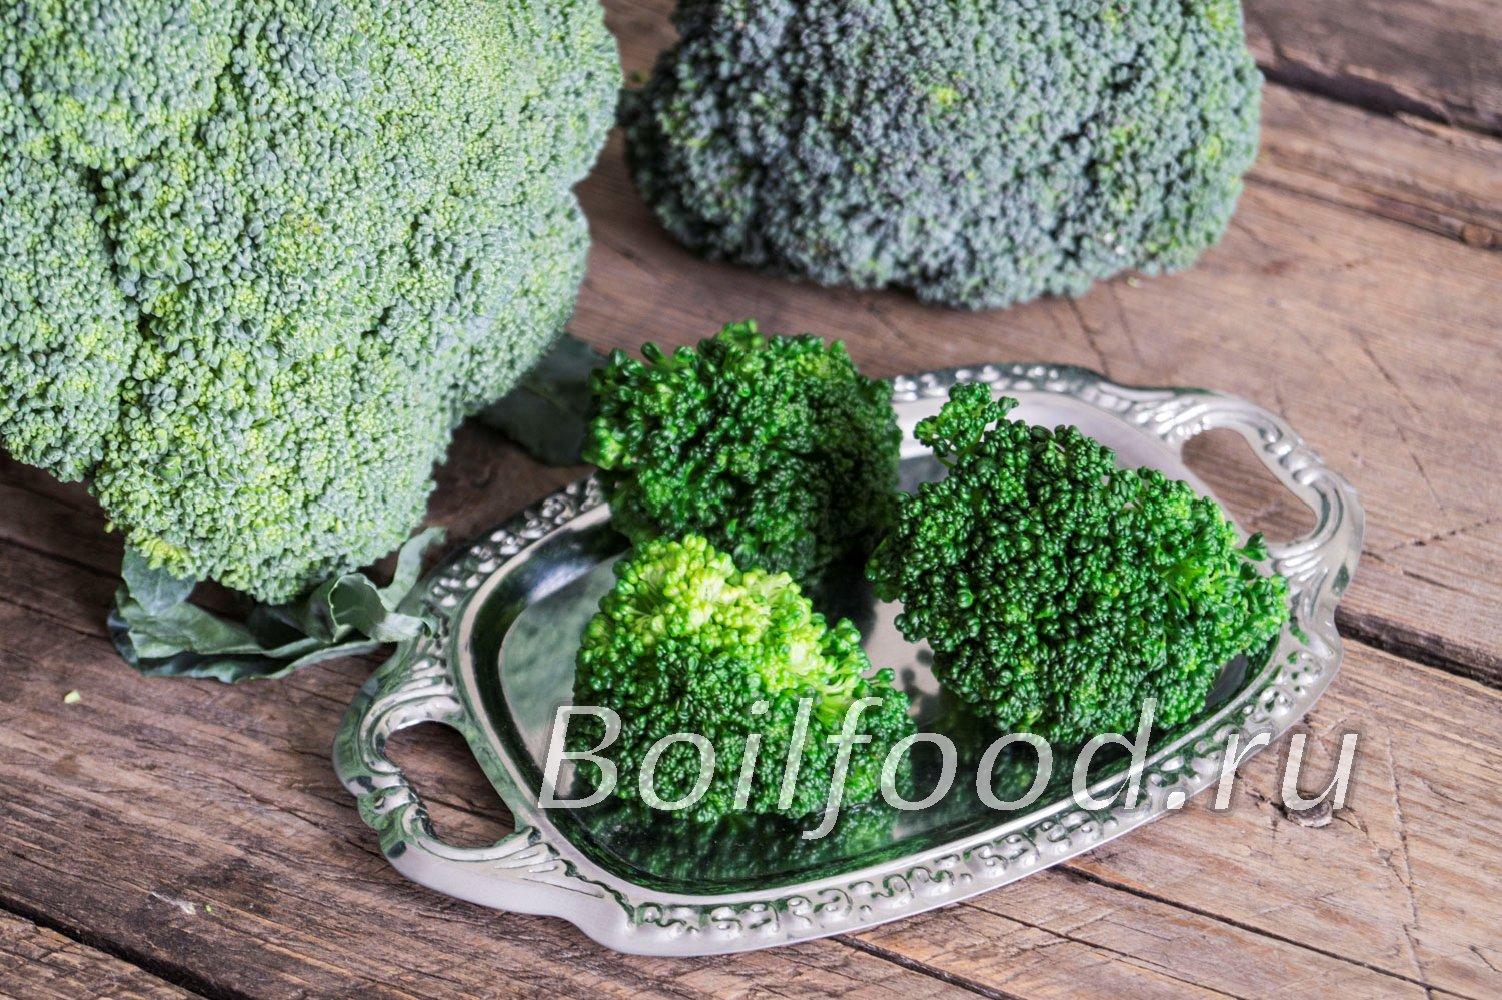 Сколько варить брокколи для прикорма